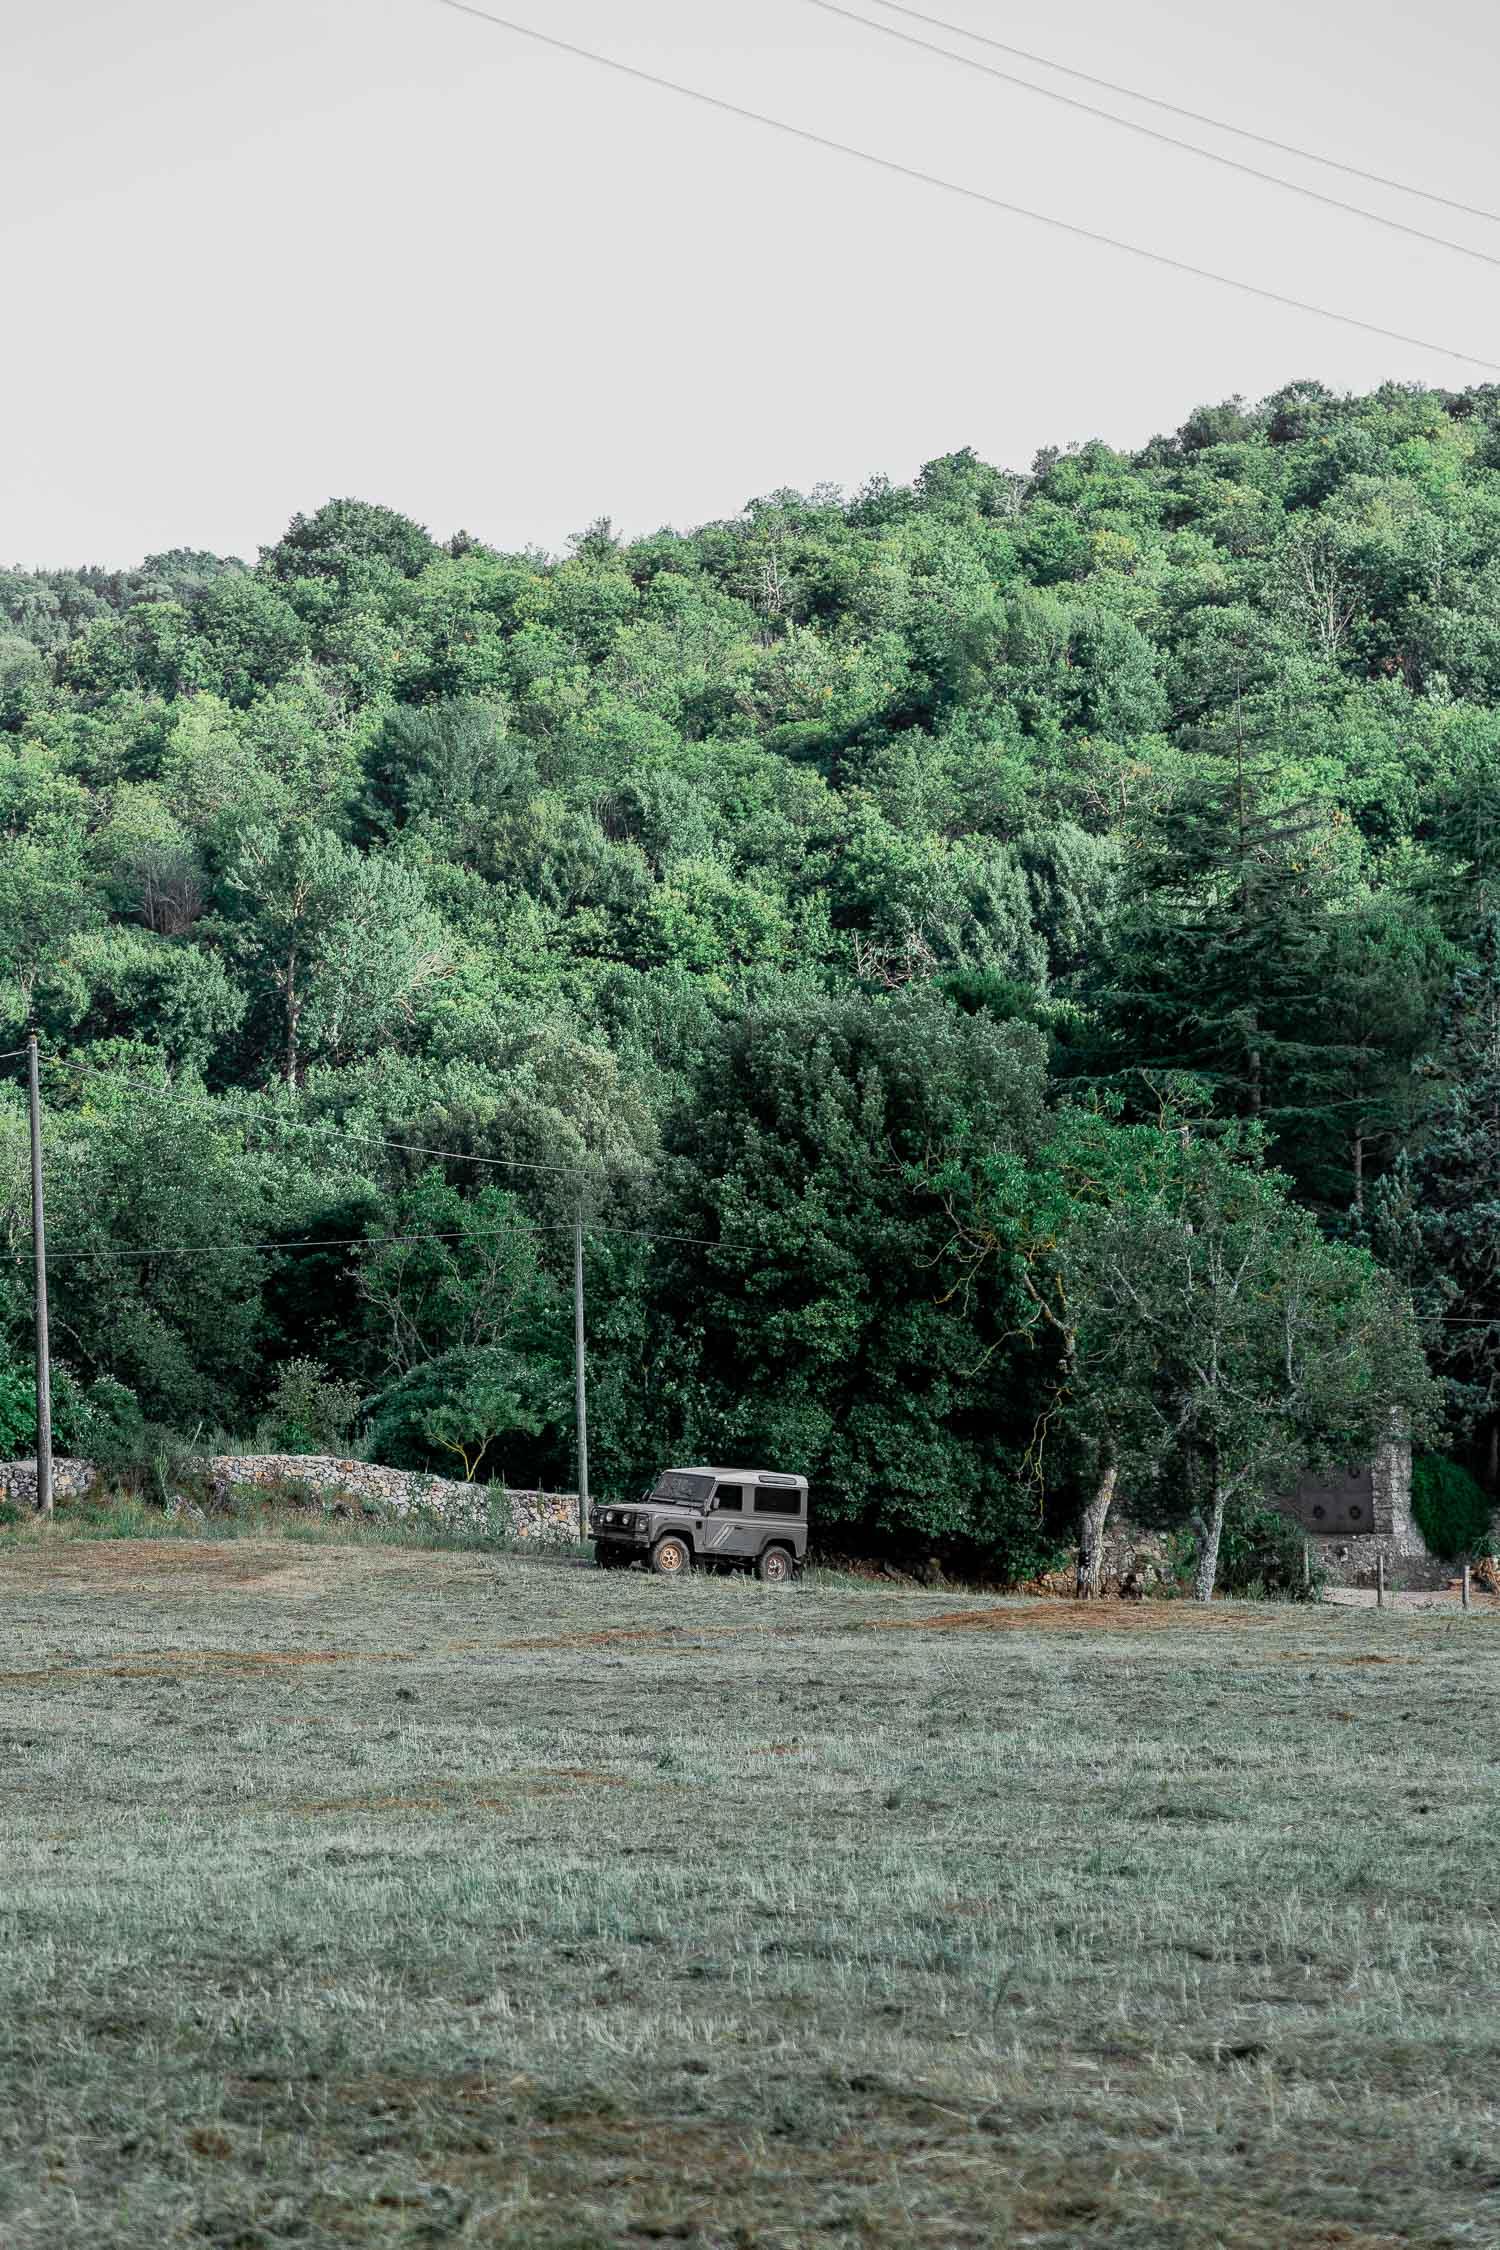 Tuscany-land-rover-4132.jpg